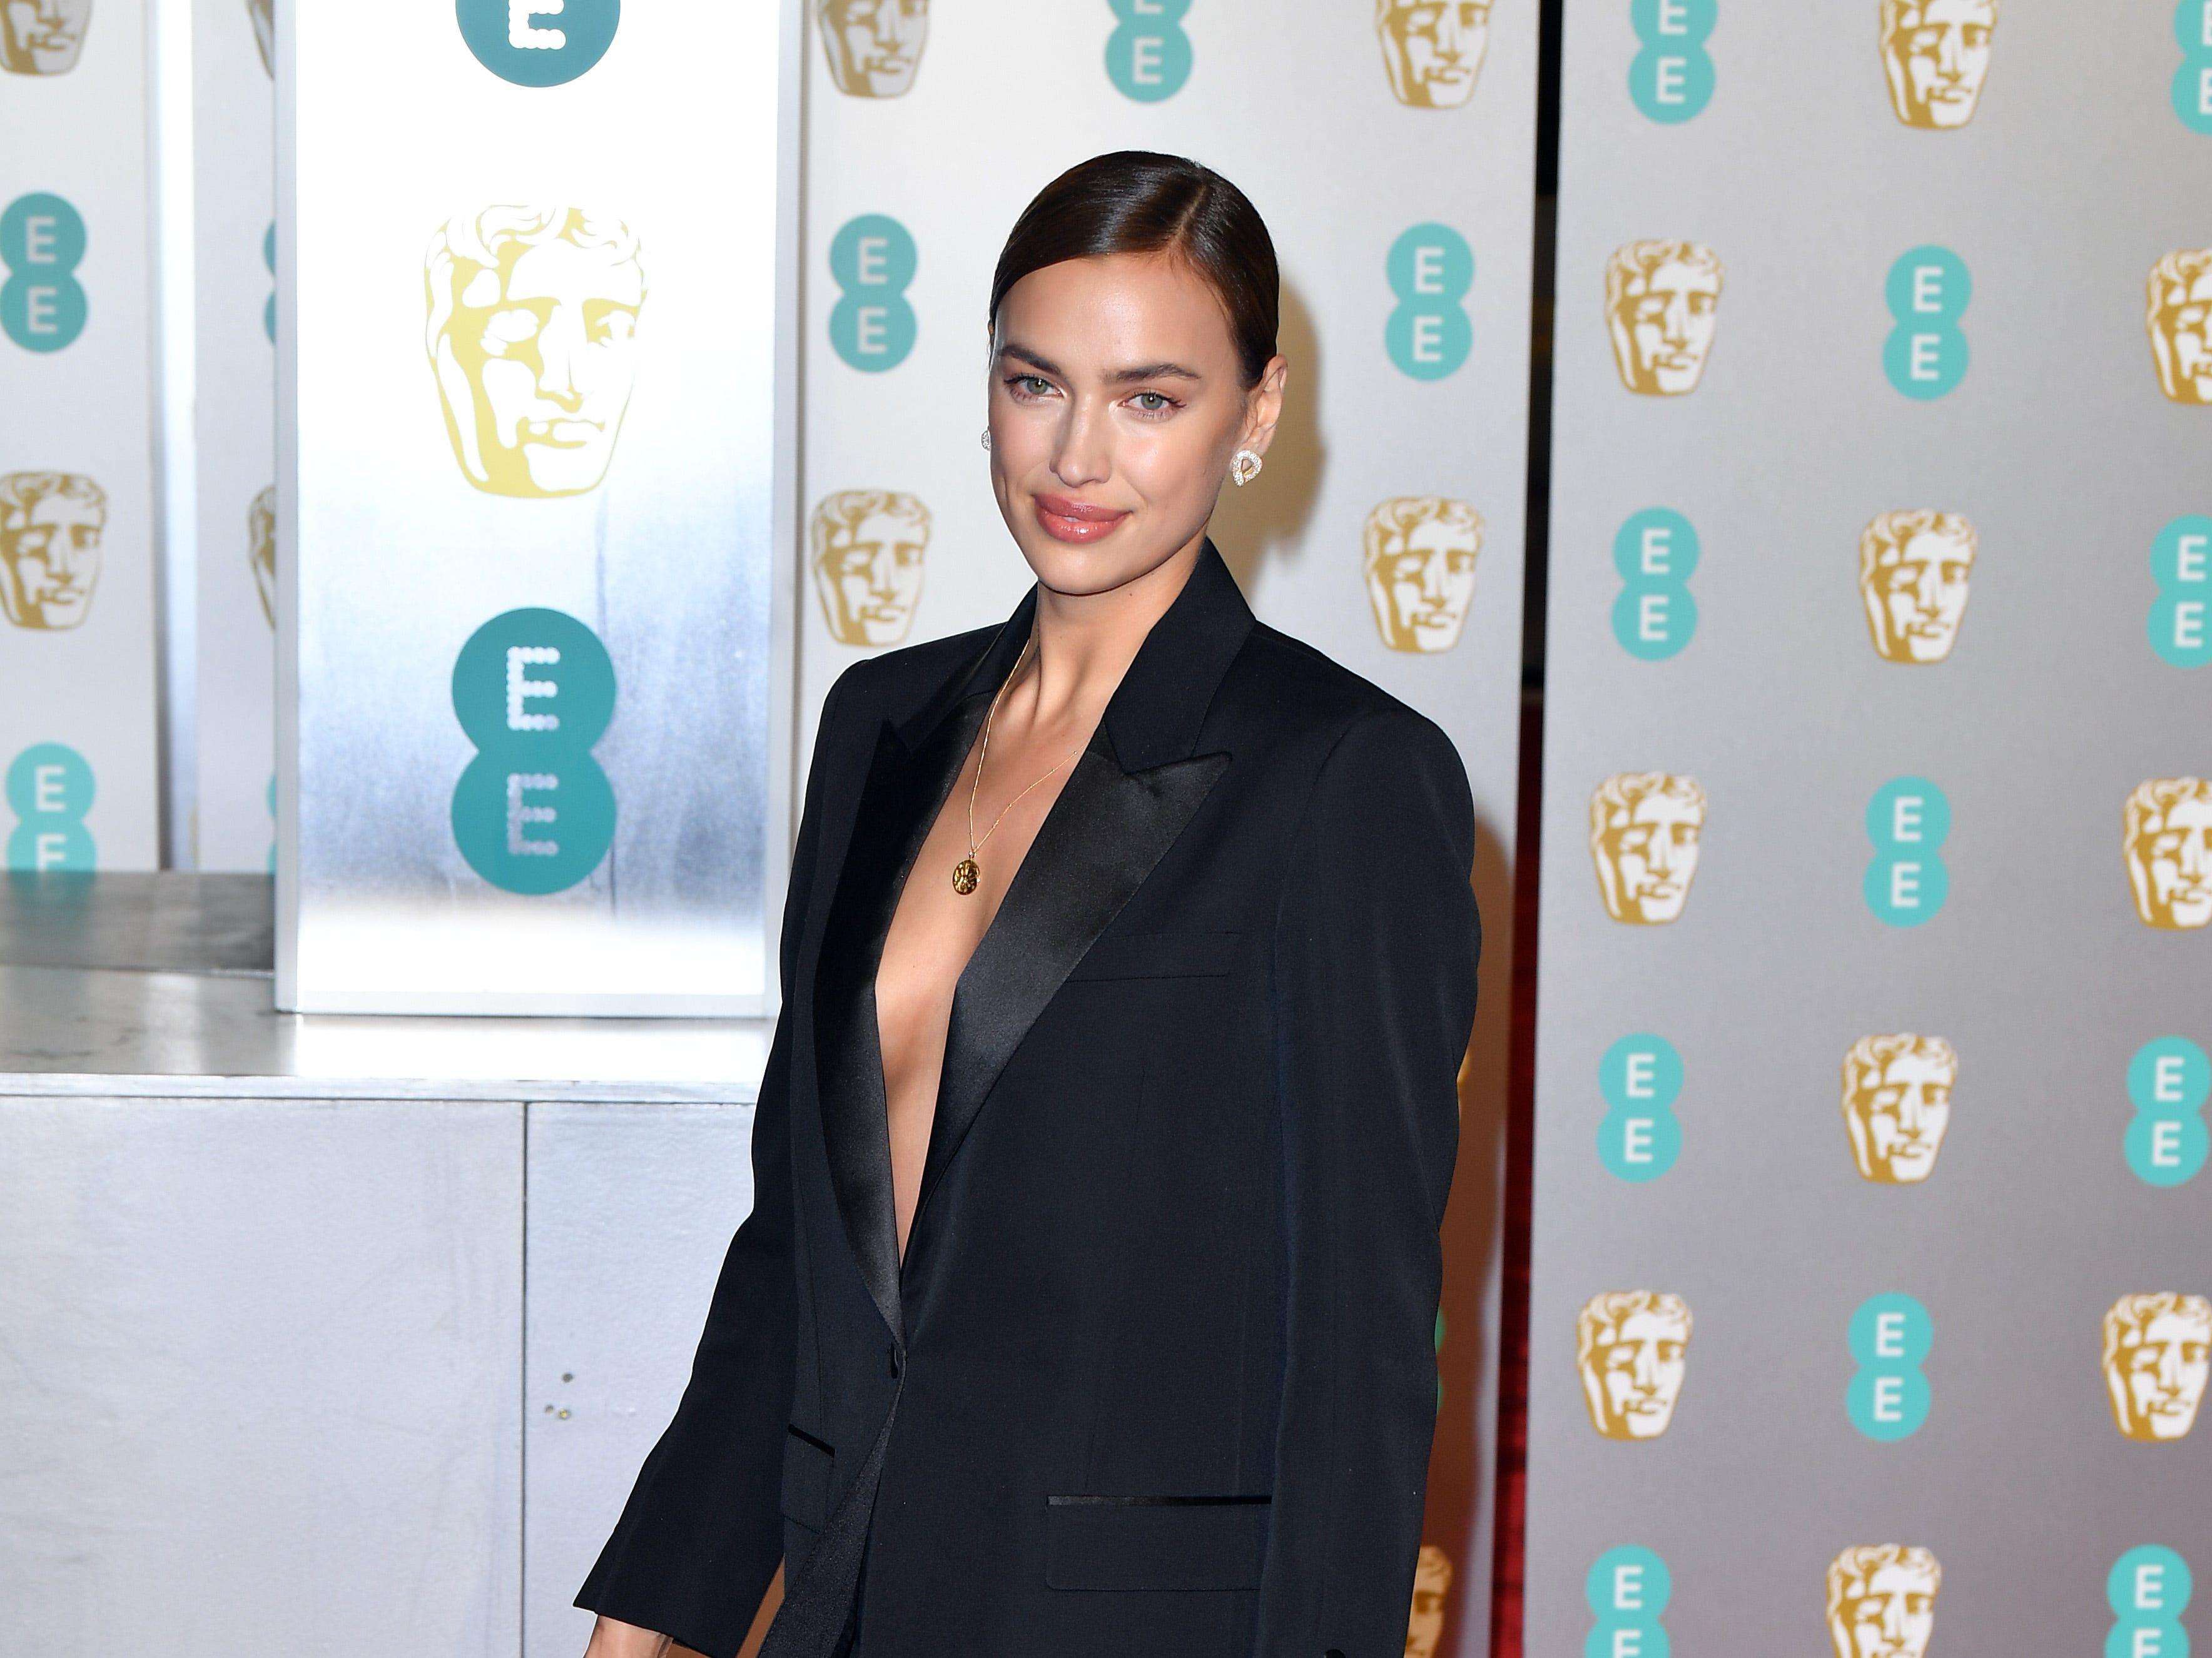 Irina Shayk a su llegada a la alfombra roja de los Premios de la Academia Británica de Cine BAFTA en el Royal Albert Hall en Londres el 10 de febrero de 2019.